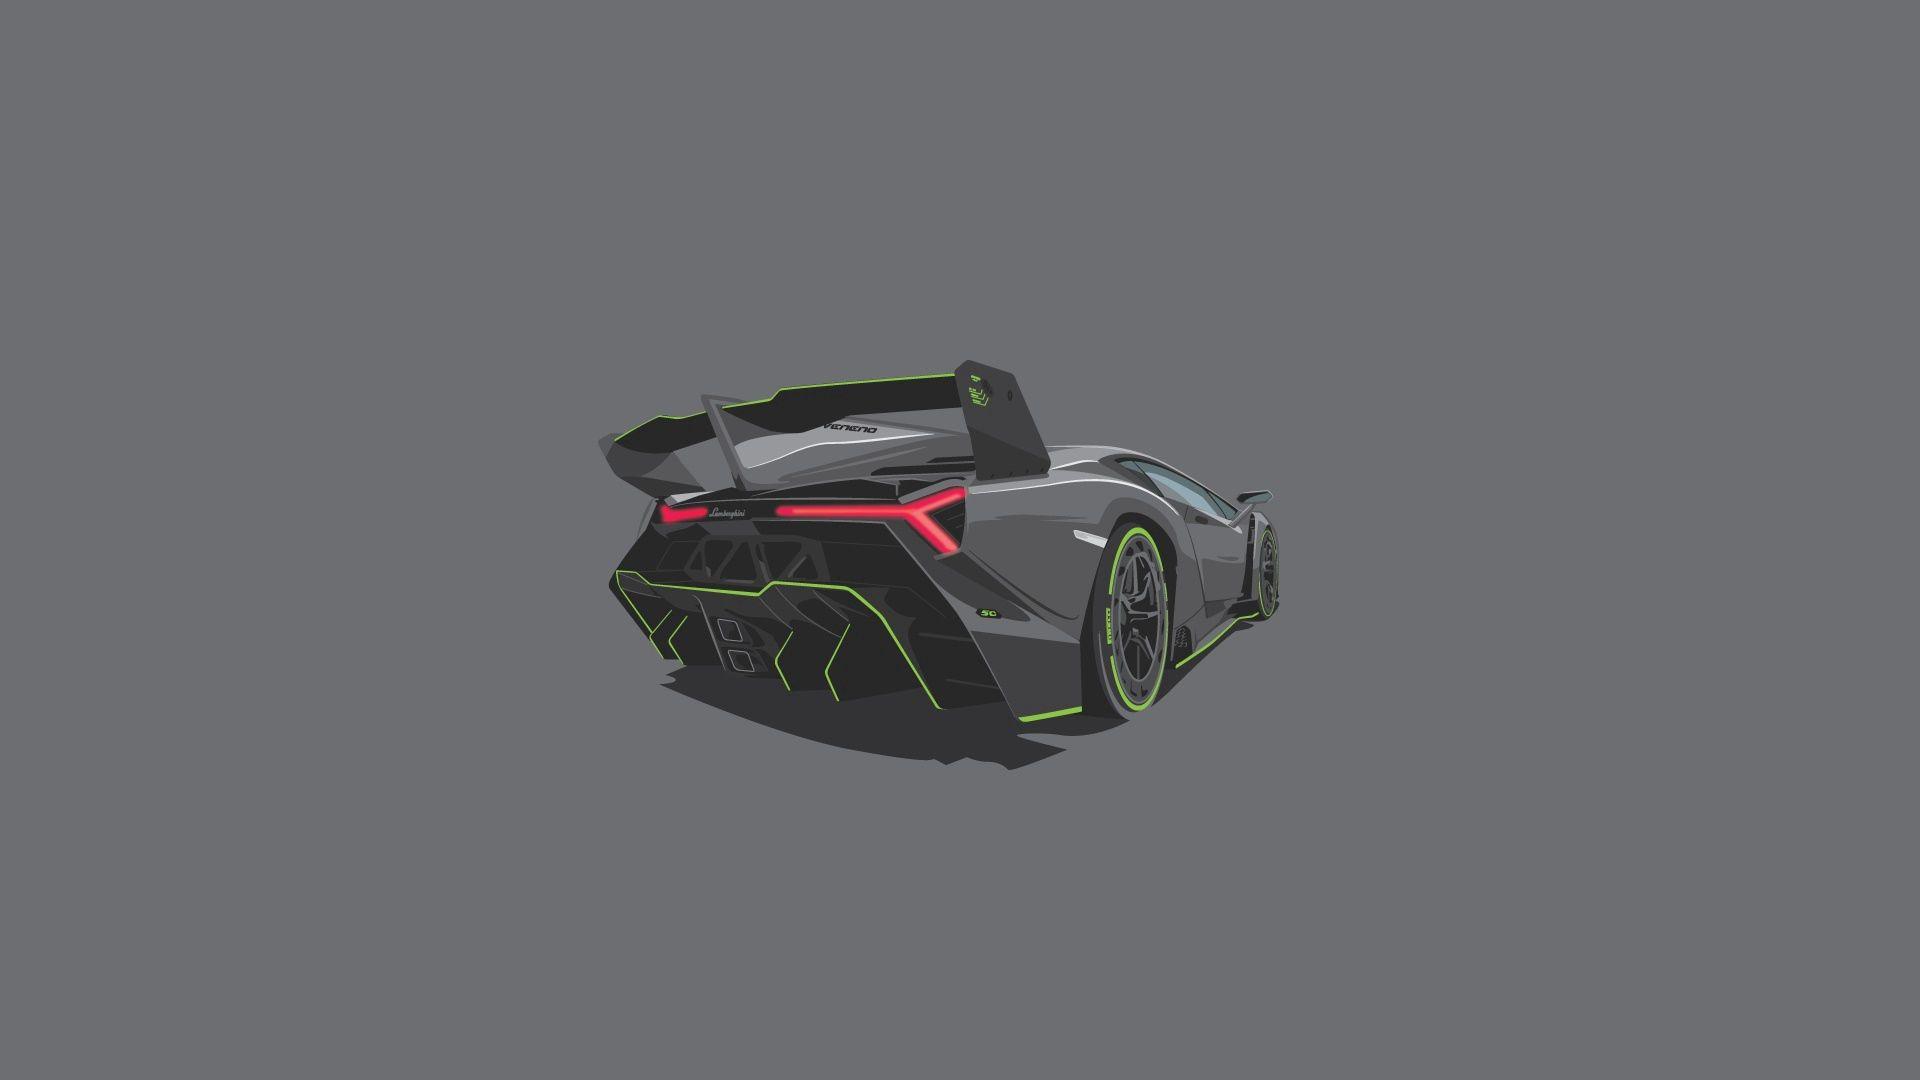 90970 Hintergrundbild herunterladen Lamborghini, Kunst, Vektor, Minimalismus, Veneno - Bildschirmschoner und Bilder kostenlos